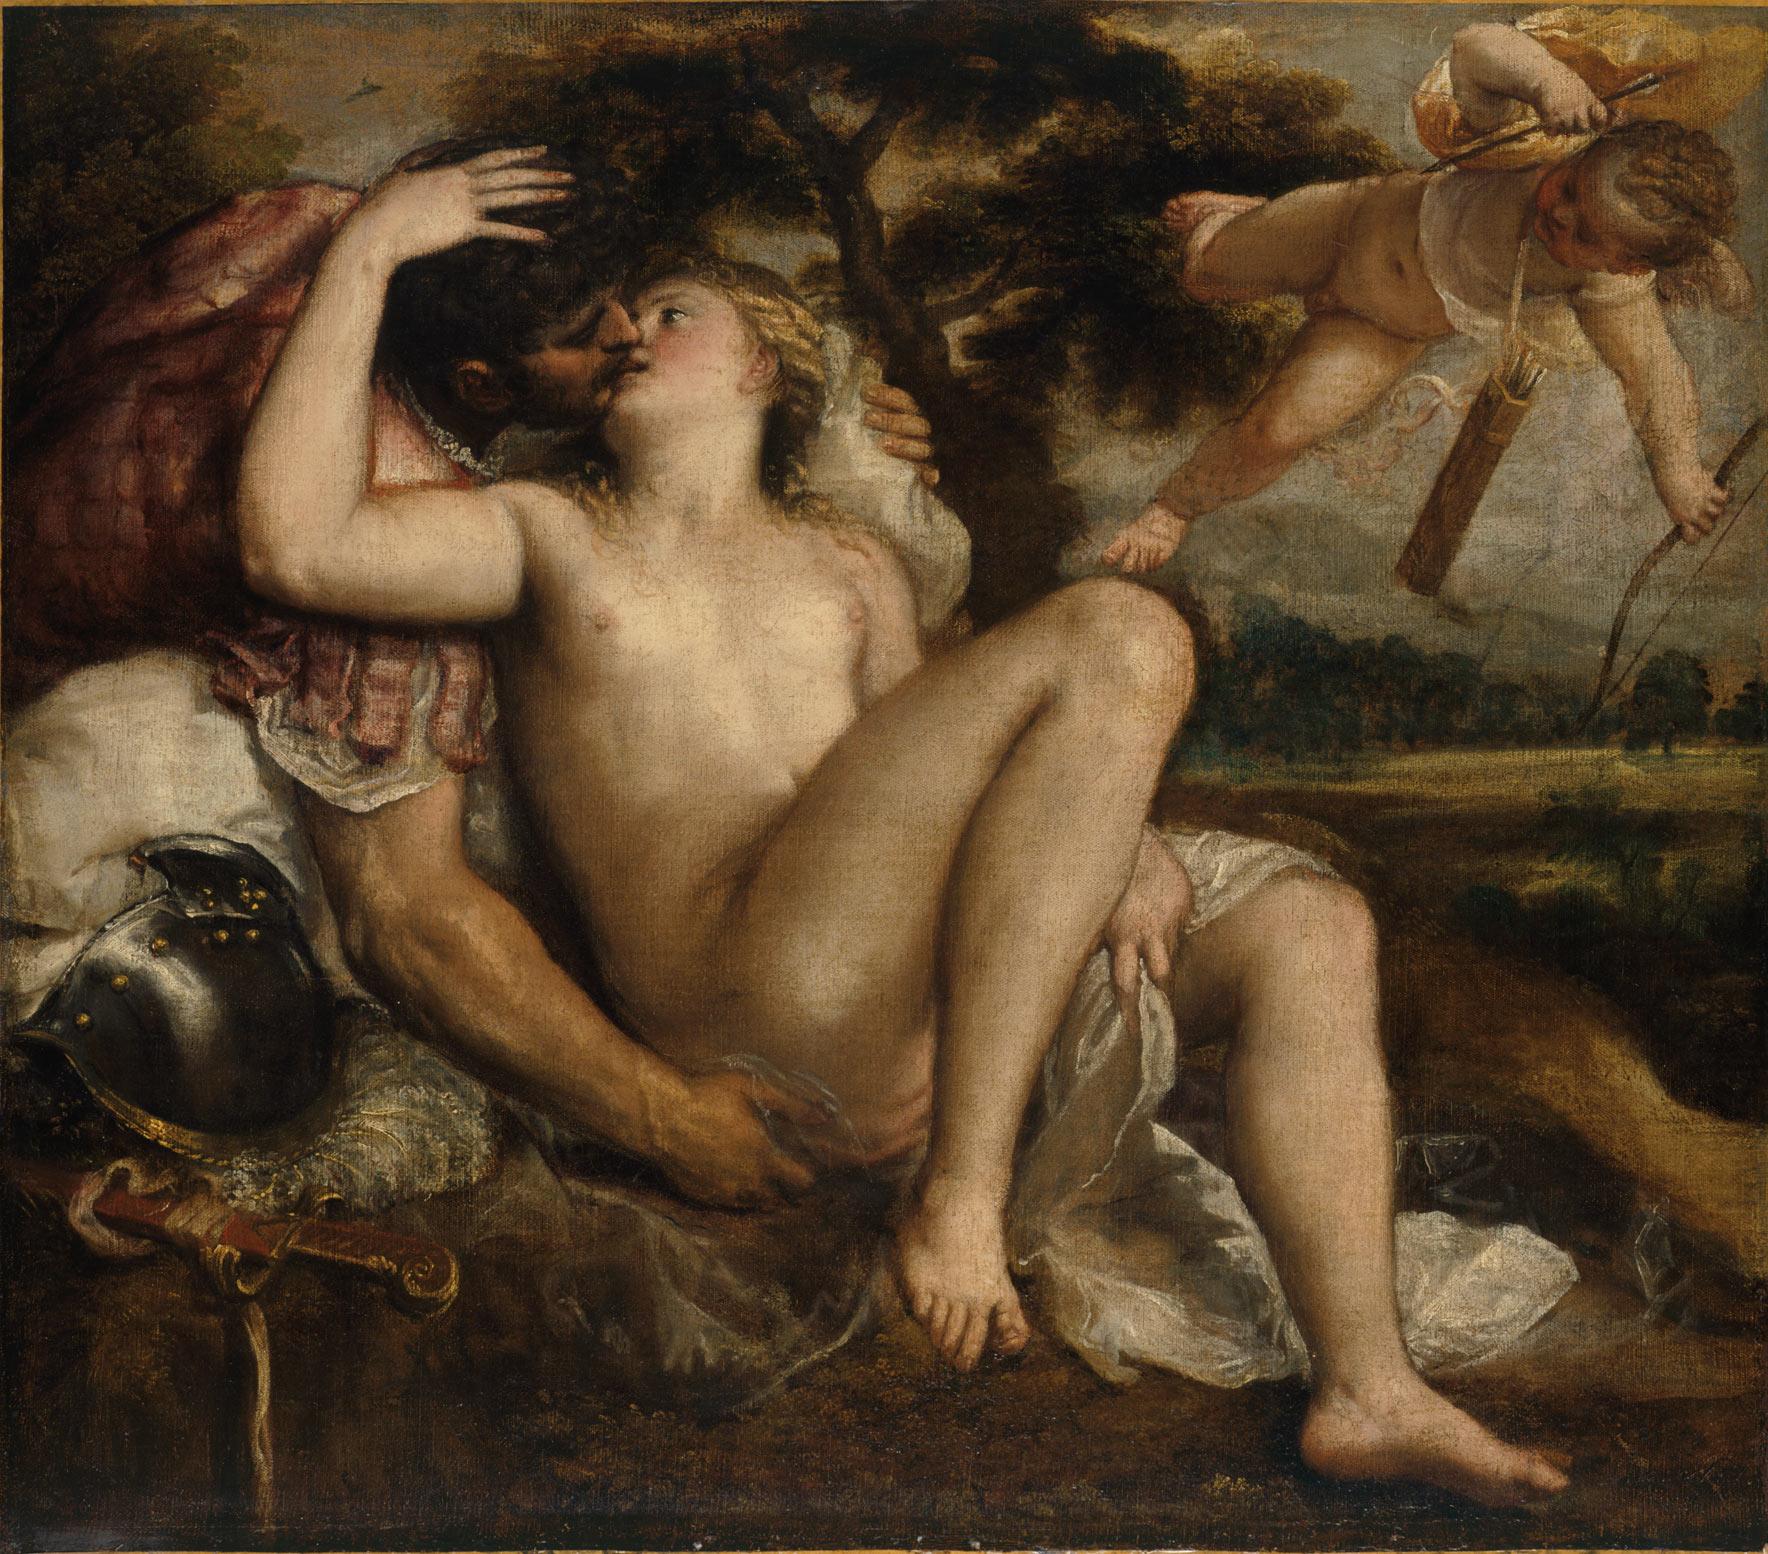 Tiziano y taller. Marte, Venus y Cupido. Hacia 1530.Kunsthistorisches Museum. Viena.